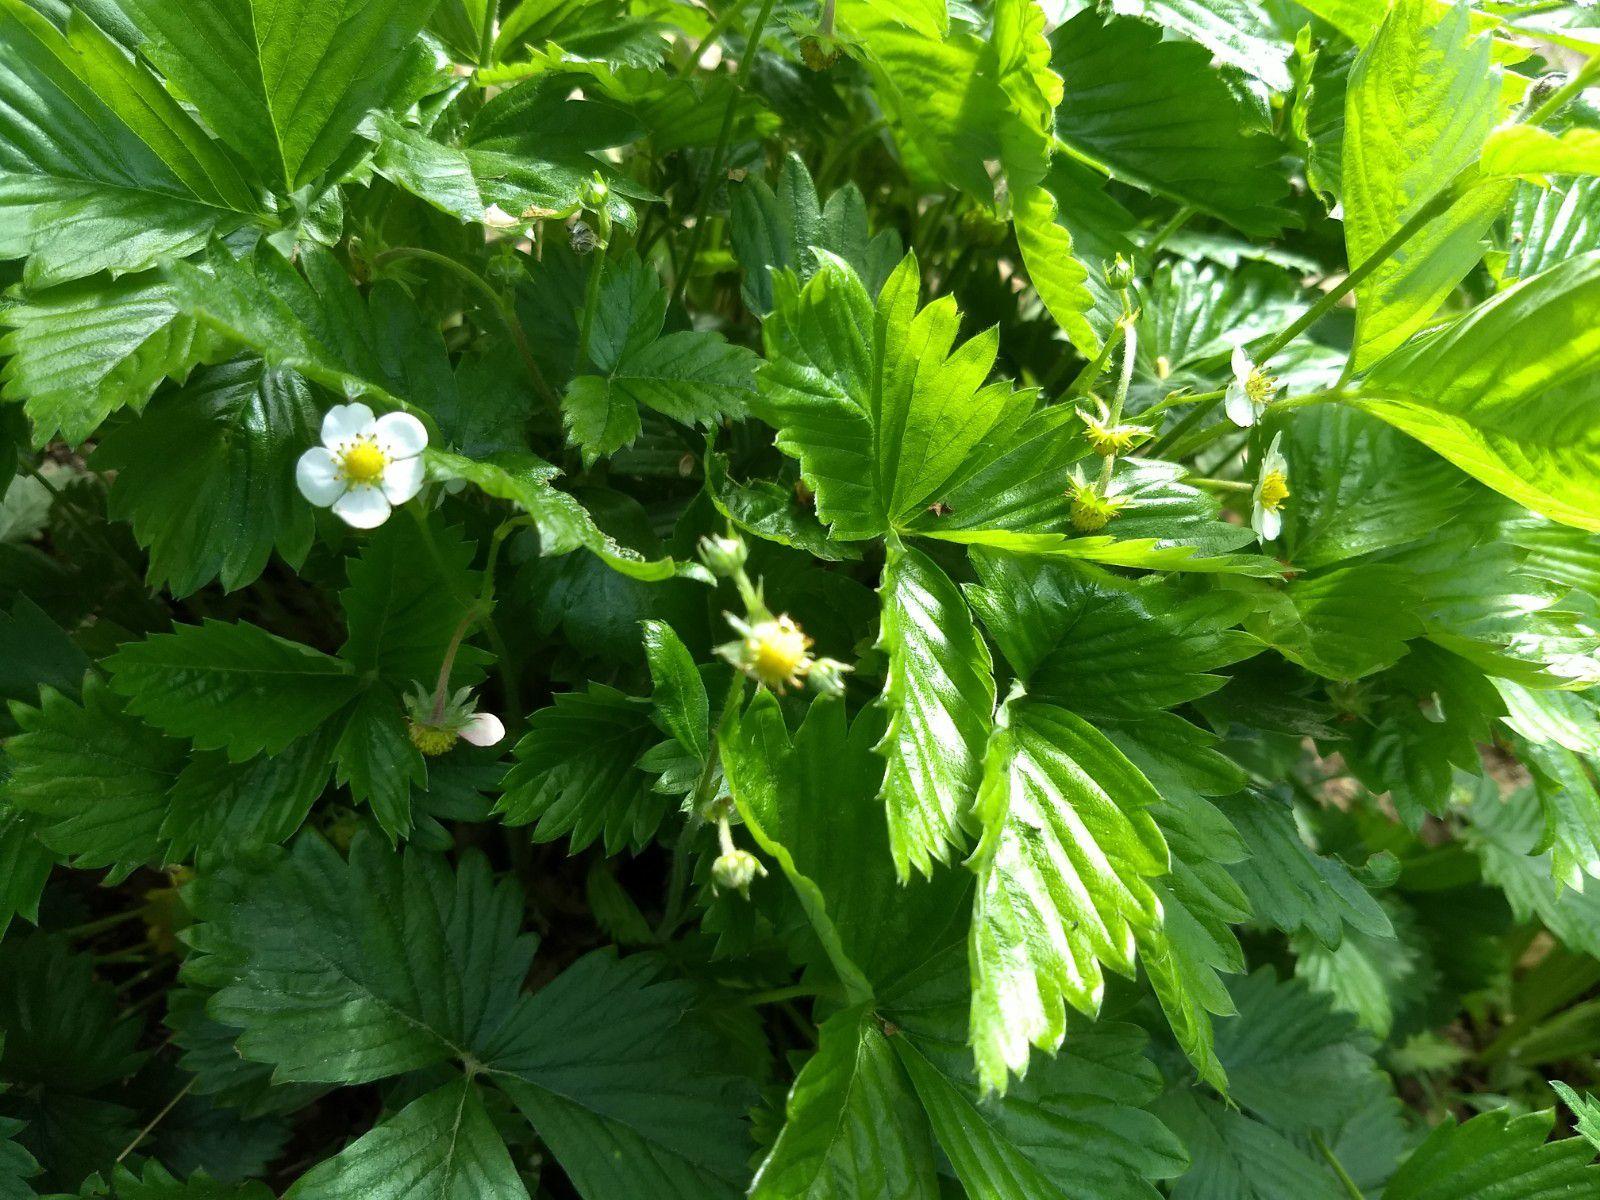 fraises des bois - 11 mai 2020